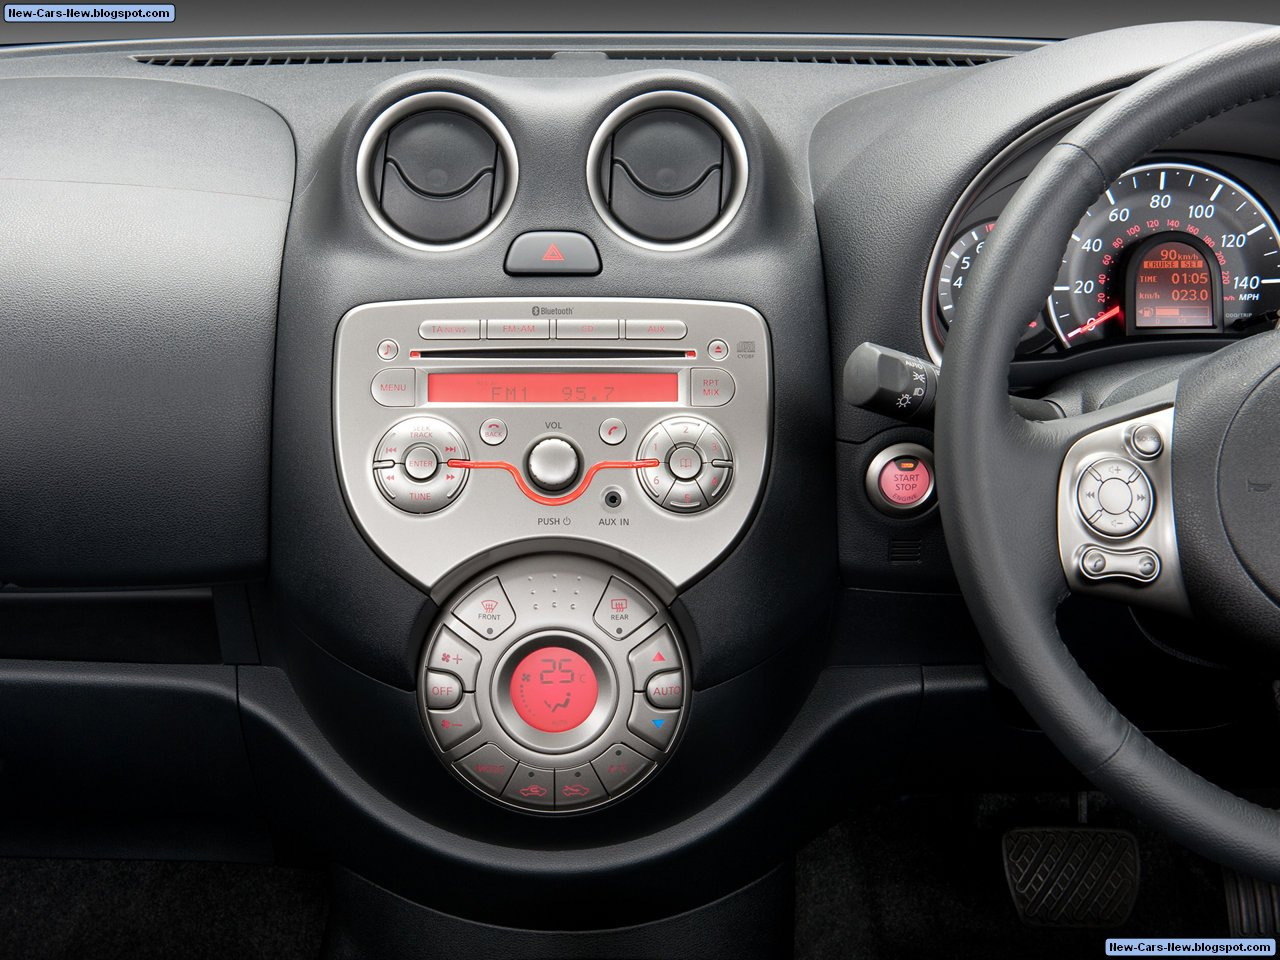 http://1.bp.blogspot.com/_U4w592tUDHM/TCNxbvMFxDI/AAAAAAAADbw/s943Yrl-i8c/s1600/Nissan-Micra_2011_1280x960_wallpaper_05.jpg